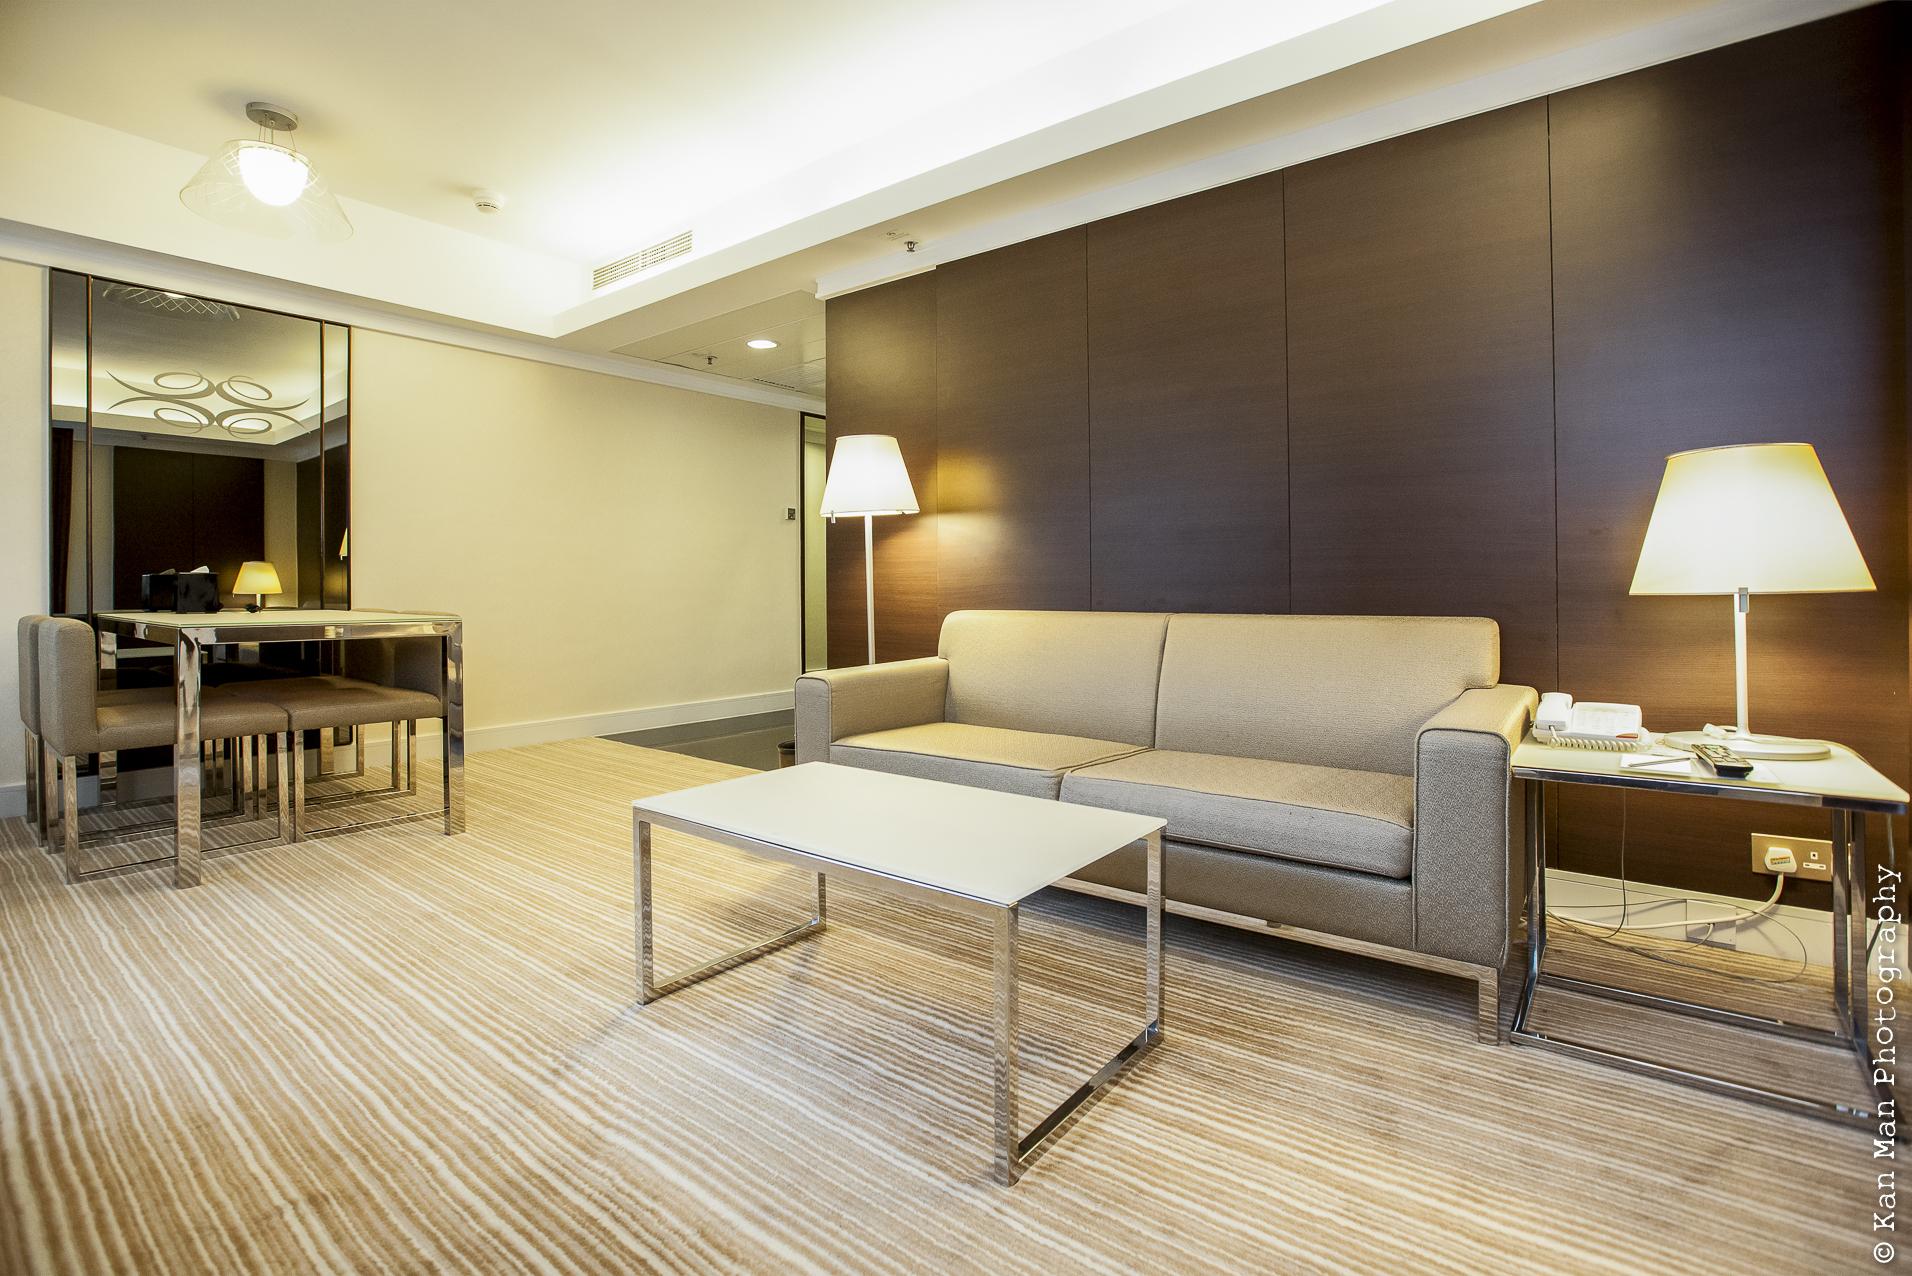 interior hotel_MG_9476.jpg